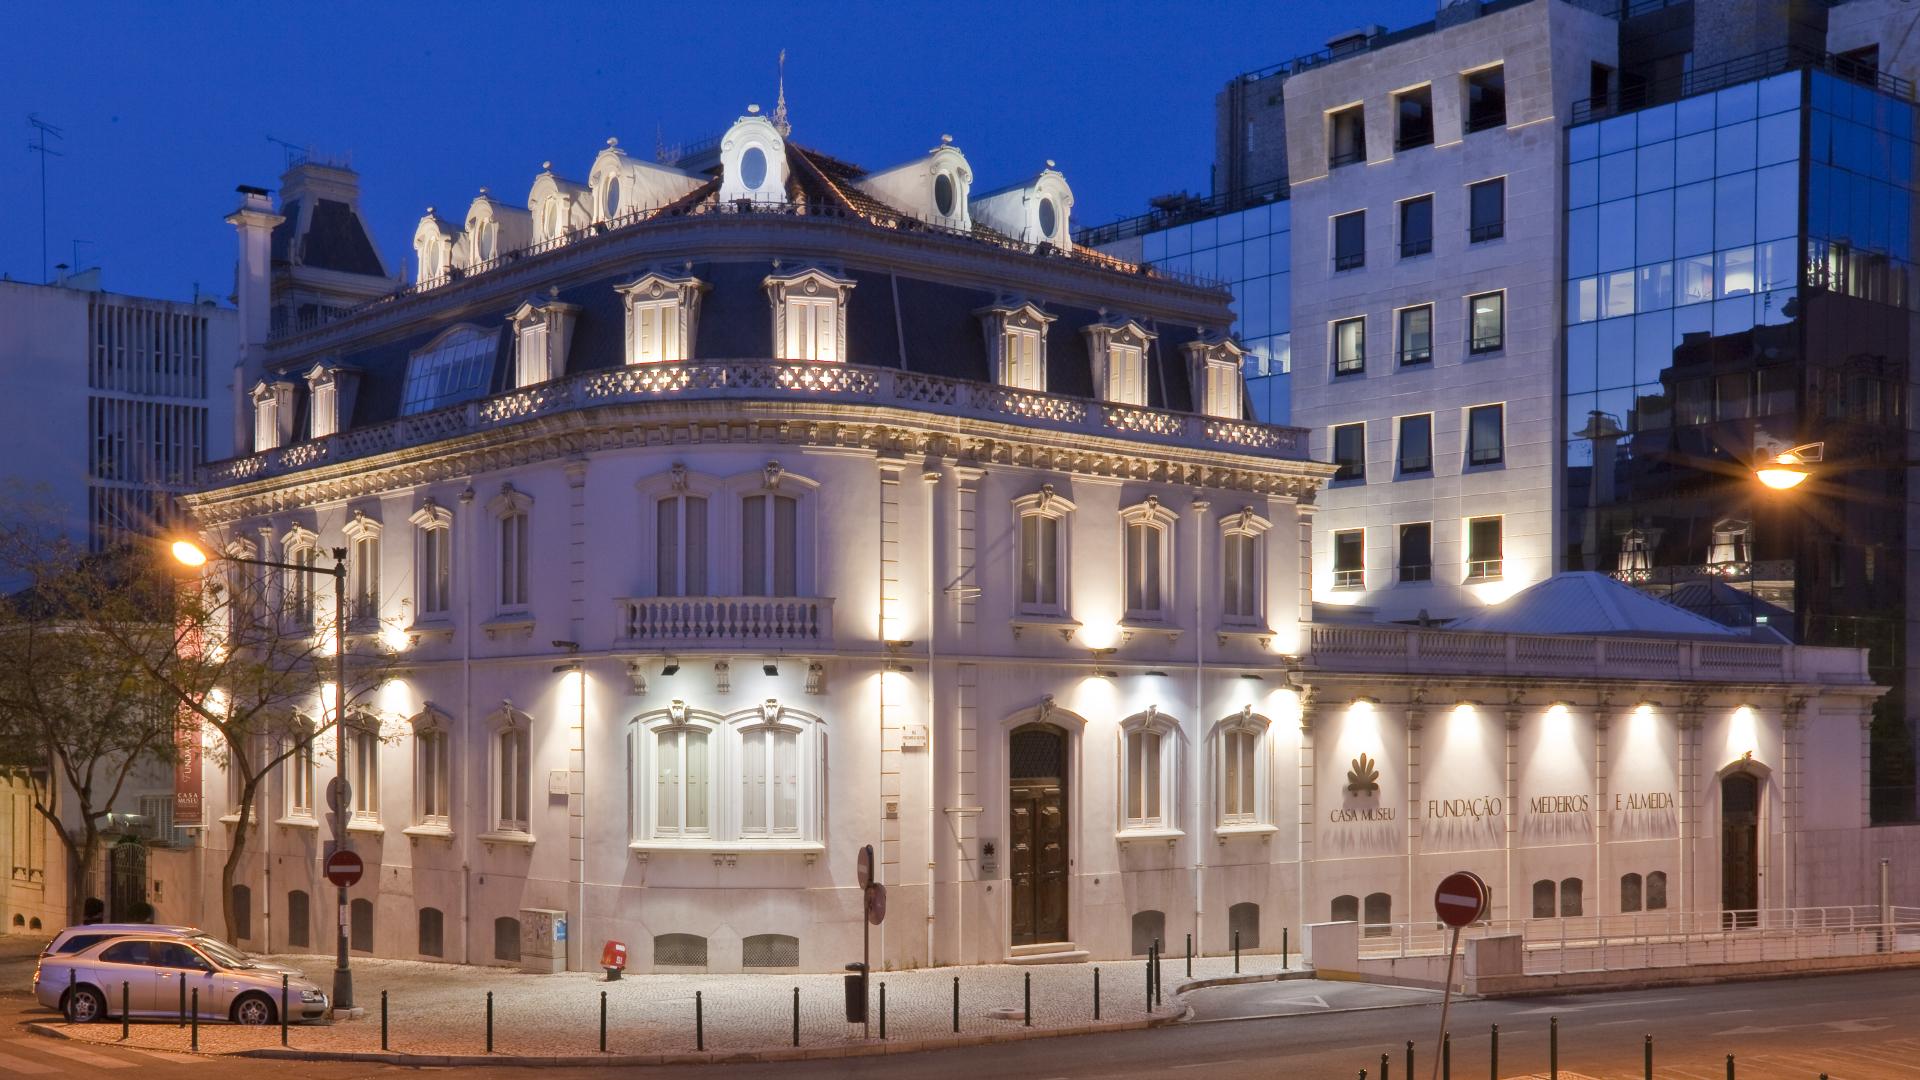 fb95c792e9c Home - Casa-Museu Medeiros e Almeida